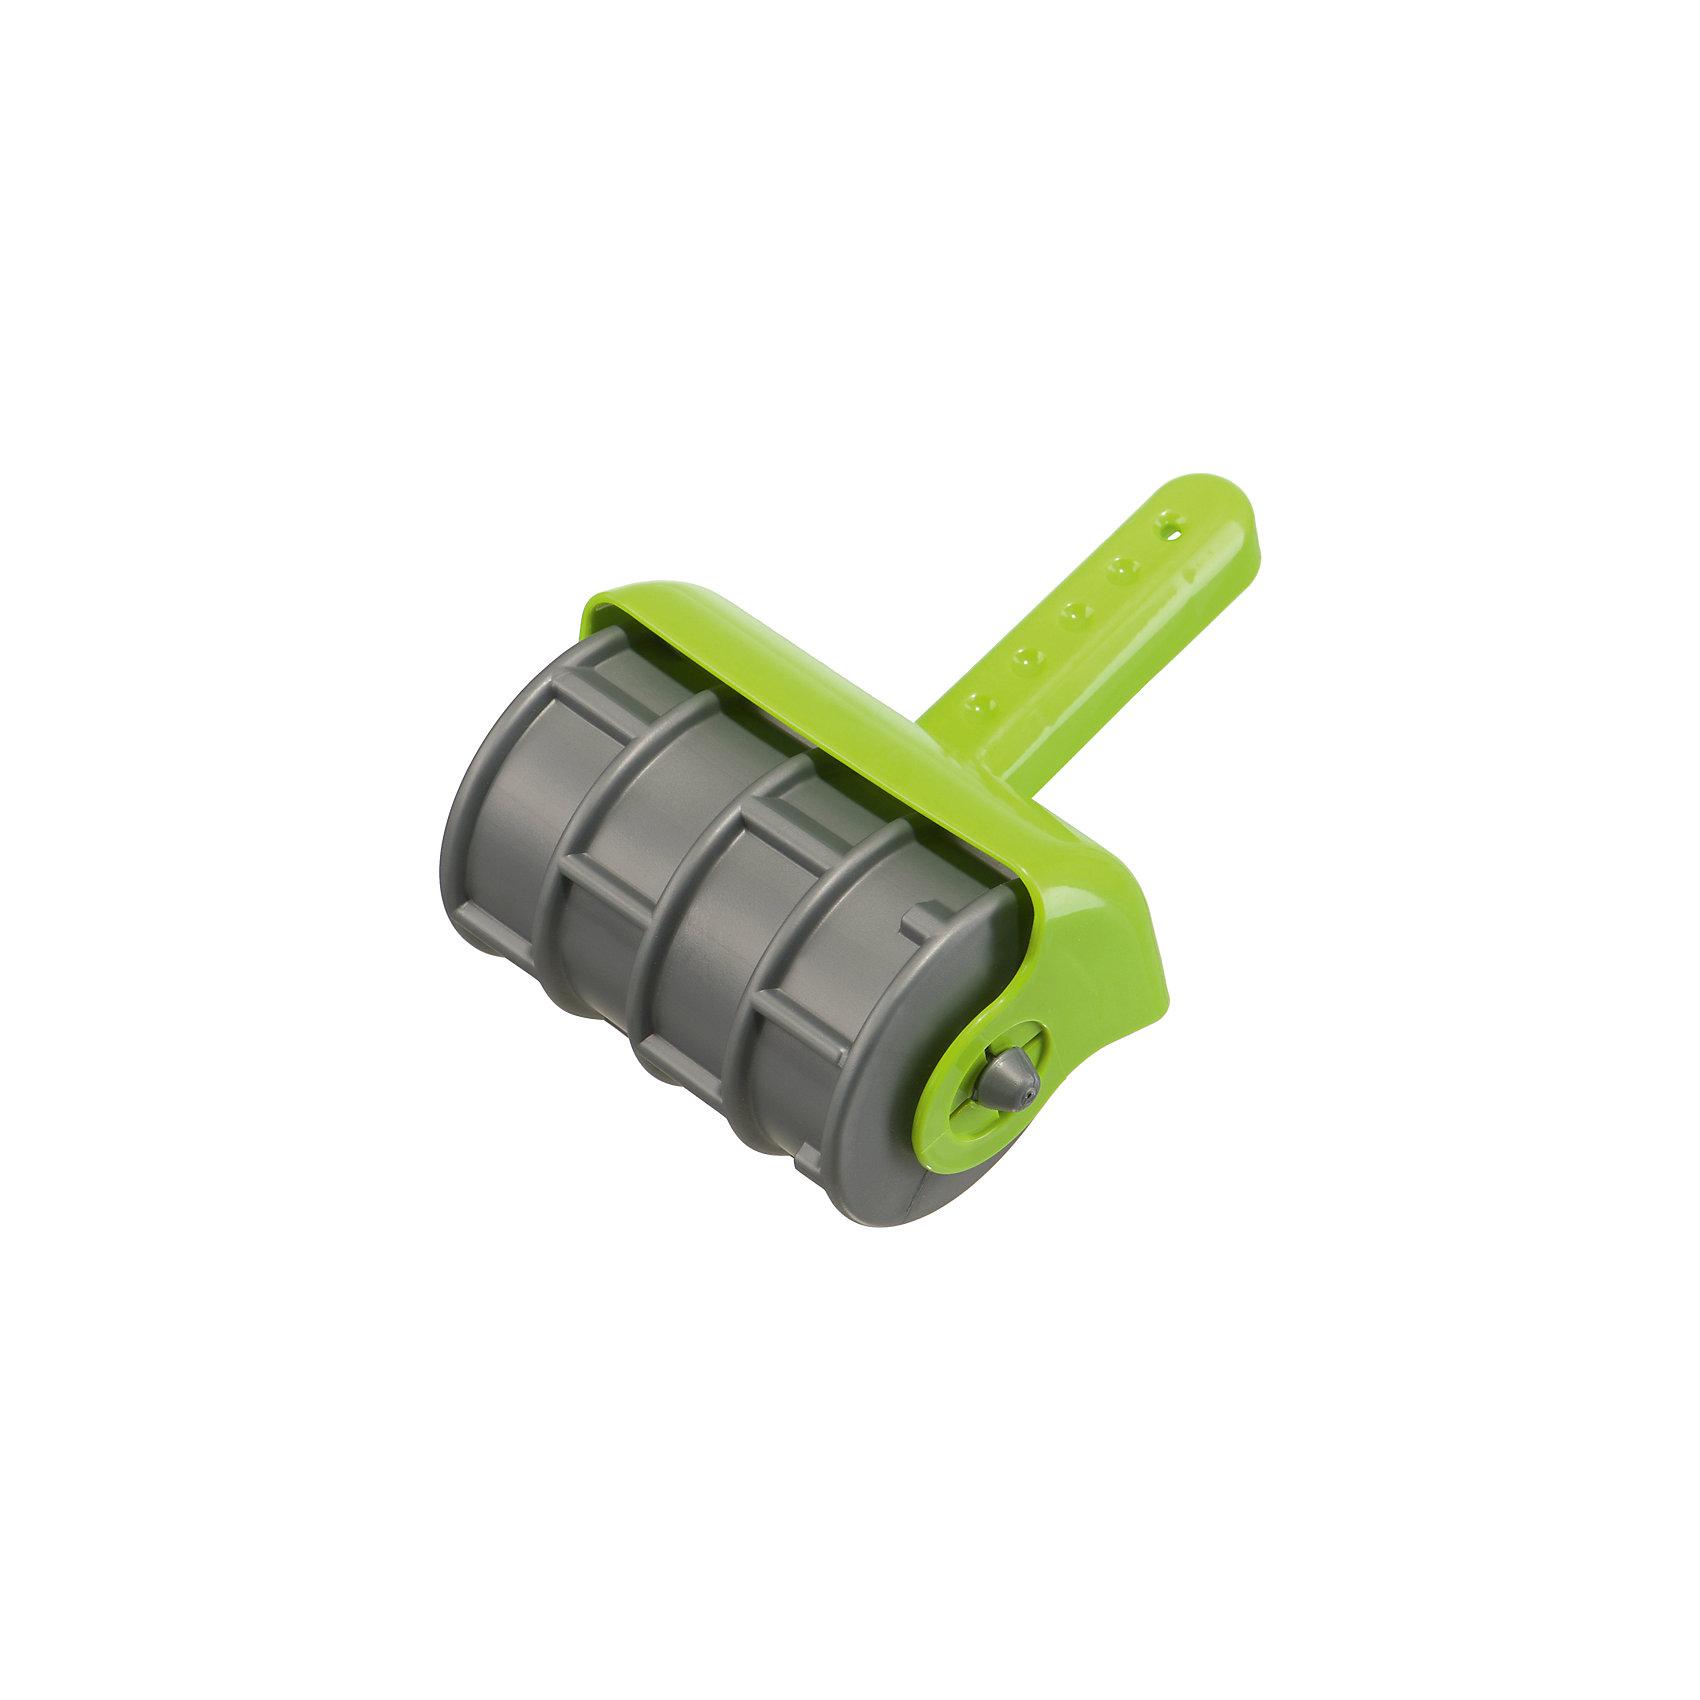 Валик для игр с песком Brick Roller, Happy BabyИграем в песочнице<br>Характеристики:<br><br>• валик оставляет на песке рисунок кирпичиков;<br>• материал: пластик;<br>• размер упаковки: 18,5х14,5х8,5 см;<br>• вес: 96 г.<br><br>Декоративный валик для песочных забав позволяют ребенку создавать разнообразные дорожки к замку, площадки, делать украшения для пирогов, оформлять строительные комплексы из песка, созданные своими руками. <br><br>Валик для игр с песком Brick Roller, Happy Baby можно купить в нашем интернет-магазине.<br><br>Ширина мм: 145<br>Глубина мм: 85<br>Высота мм: 185<br>Вес г: 96<br>Возраст от месяцев: 36<br>Возраст до месяцев: 2147483647<br>Пол: Унисекс<br>Возраст: Детский<br>SKU: 6679323